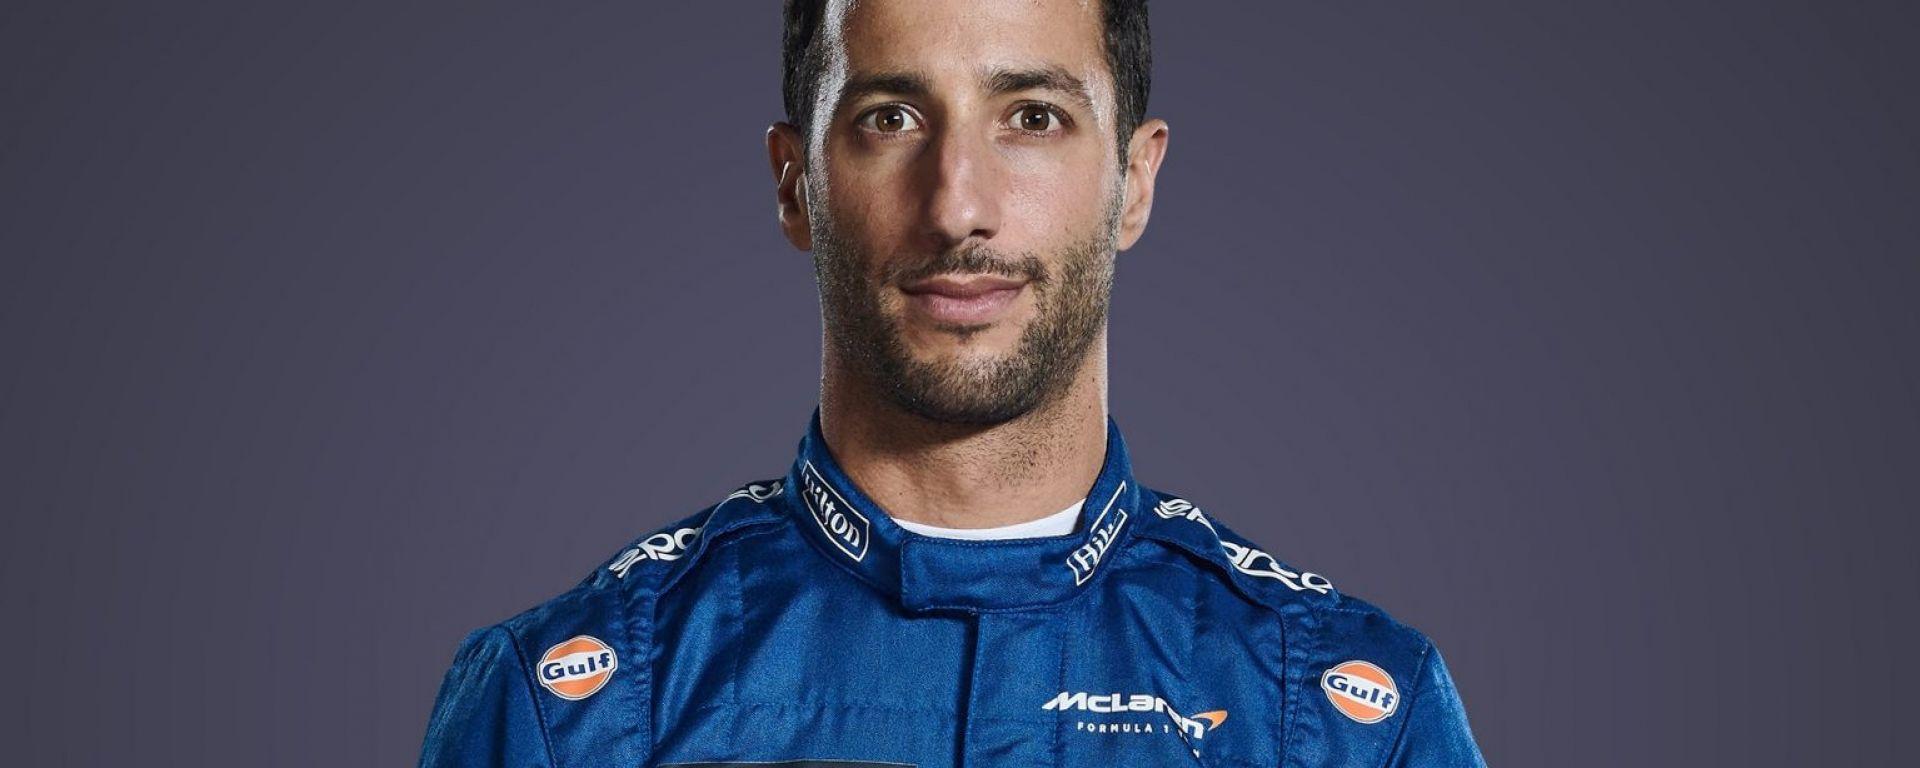 F1 2021, Daniel Ricciardo (McLaren)